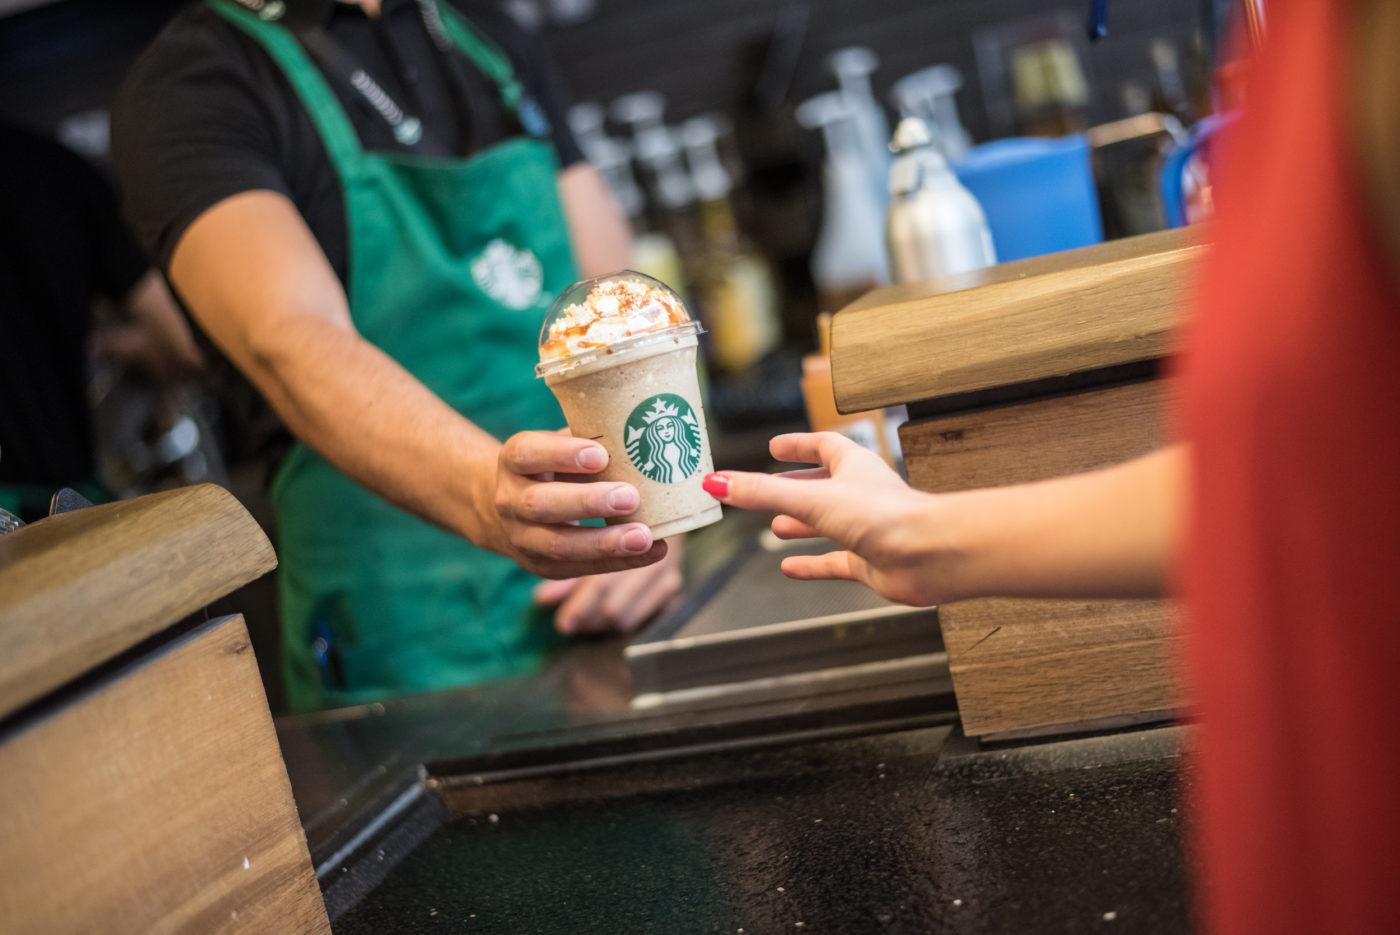 Starbuckslifestyle1